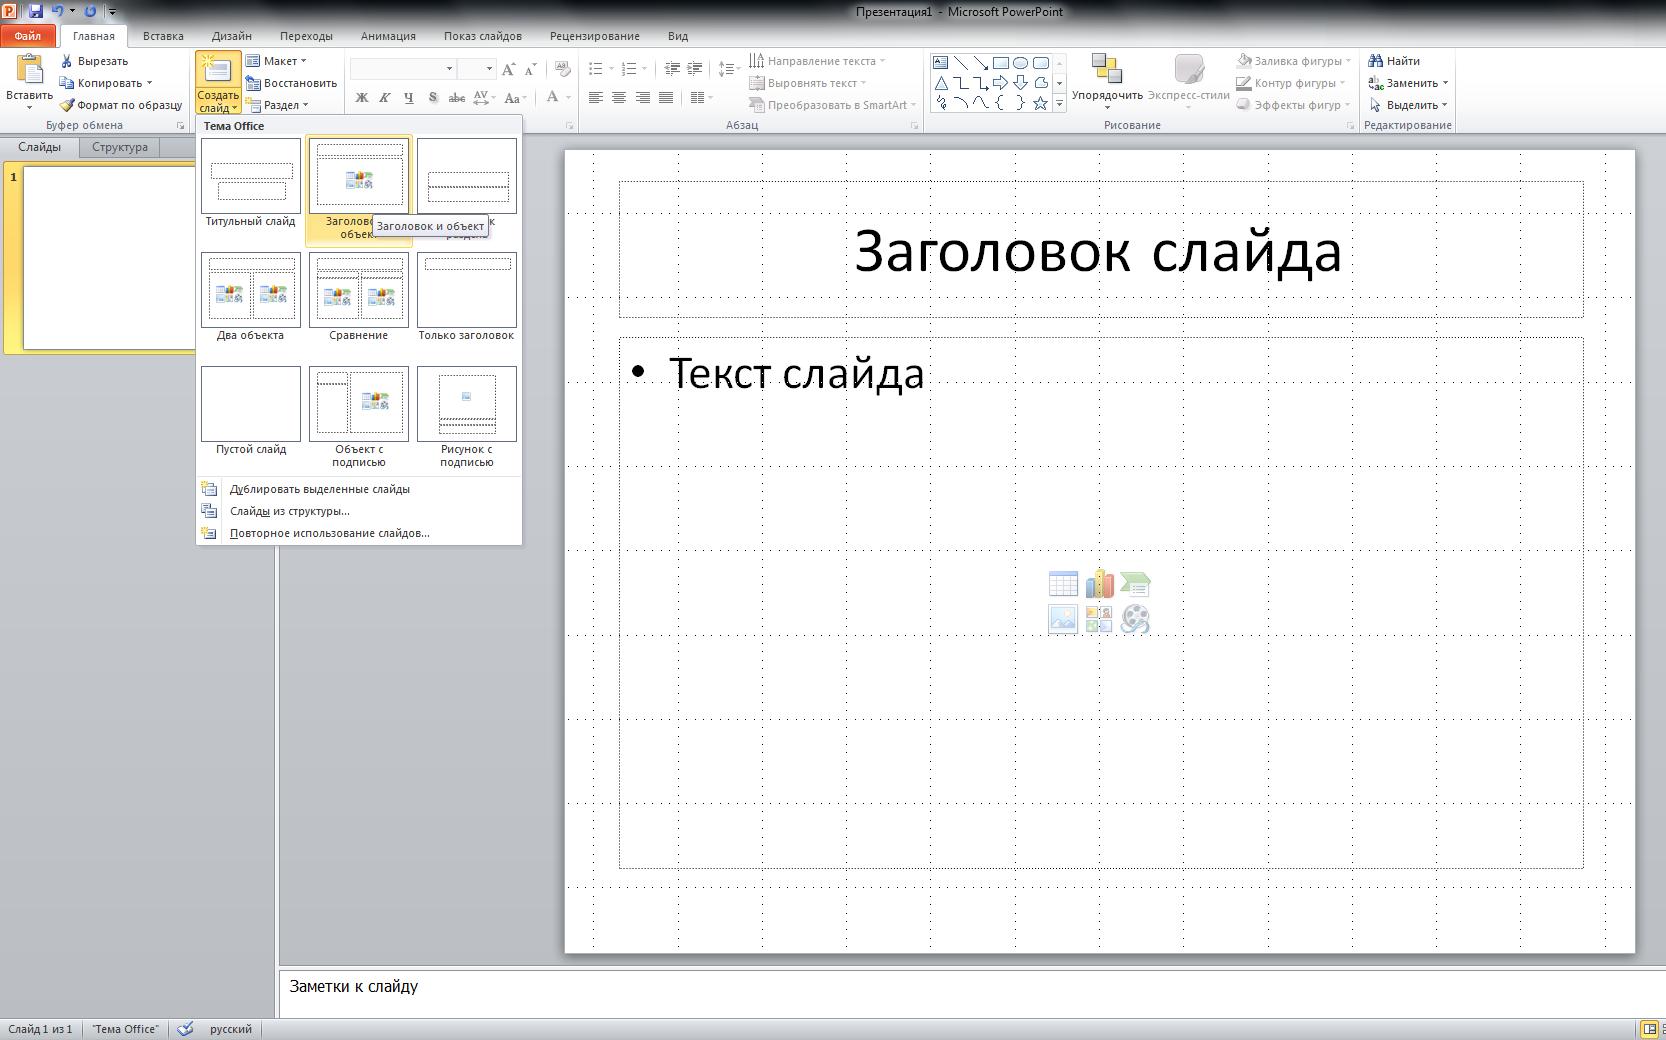 C:\Users\Дом\Desktop\Безымянный.png